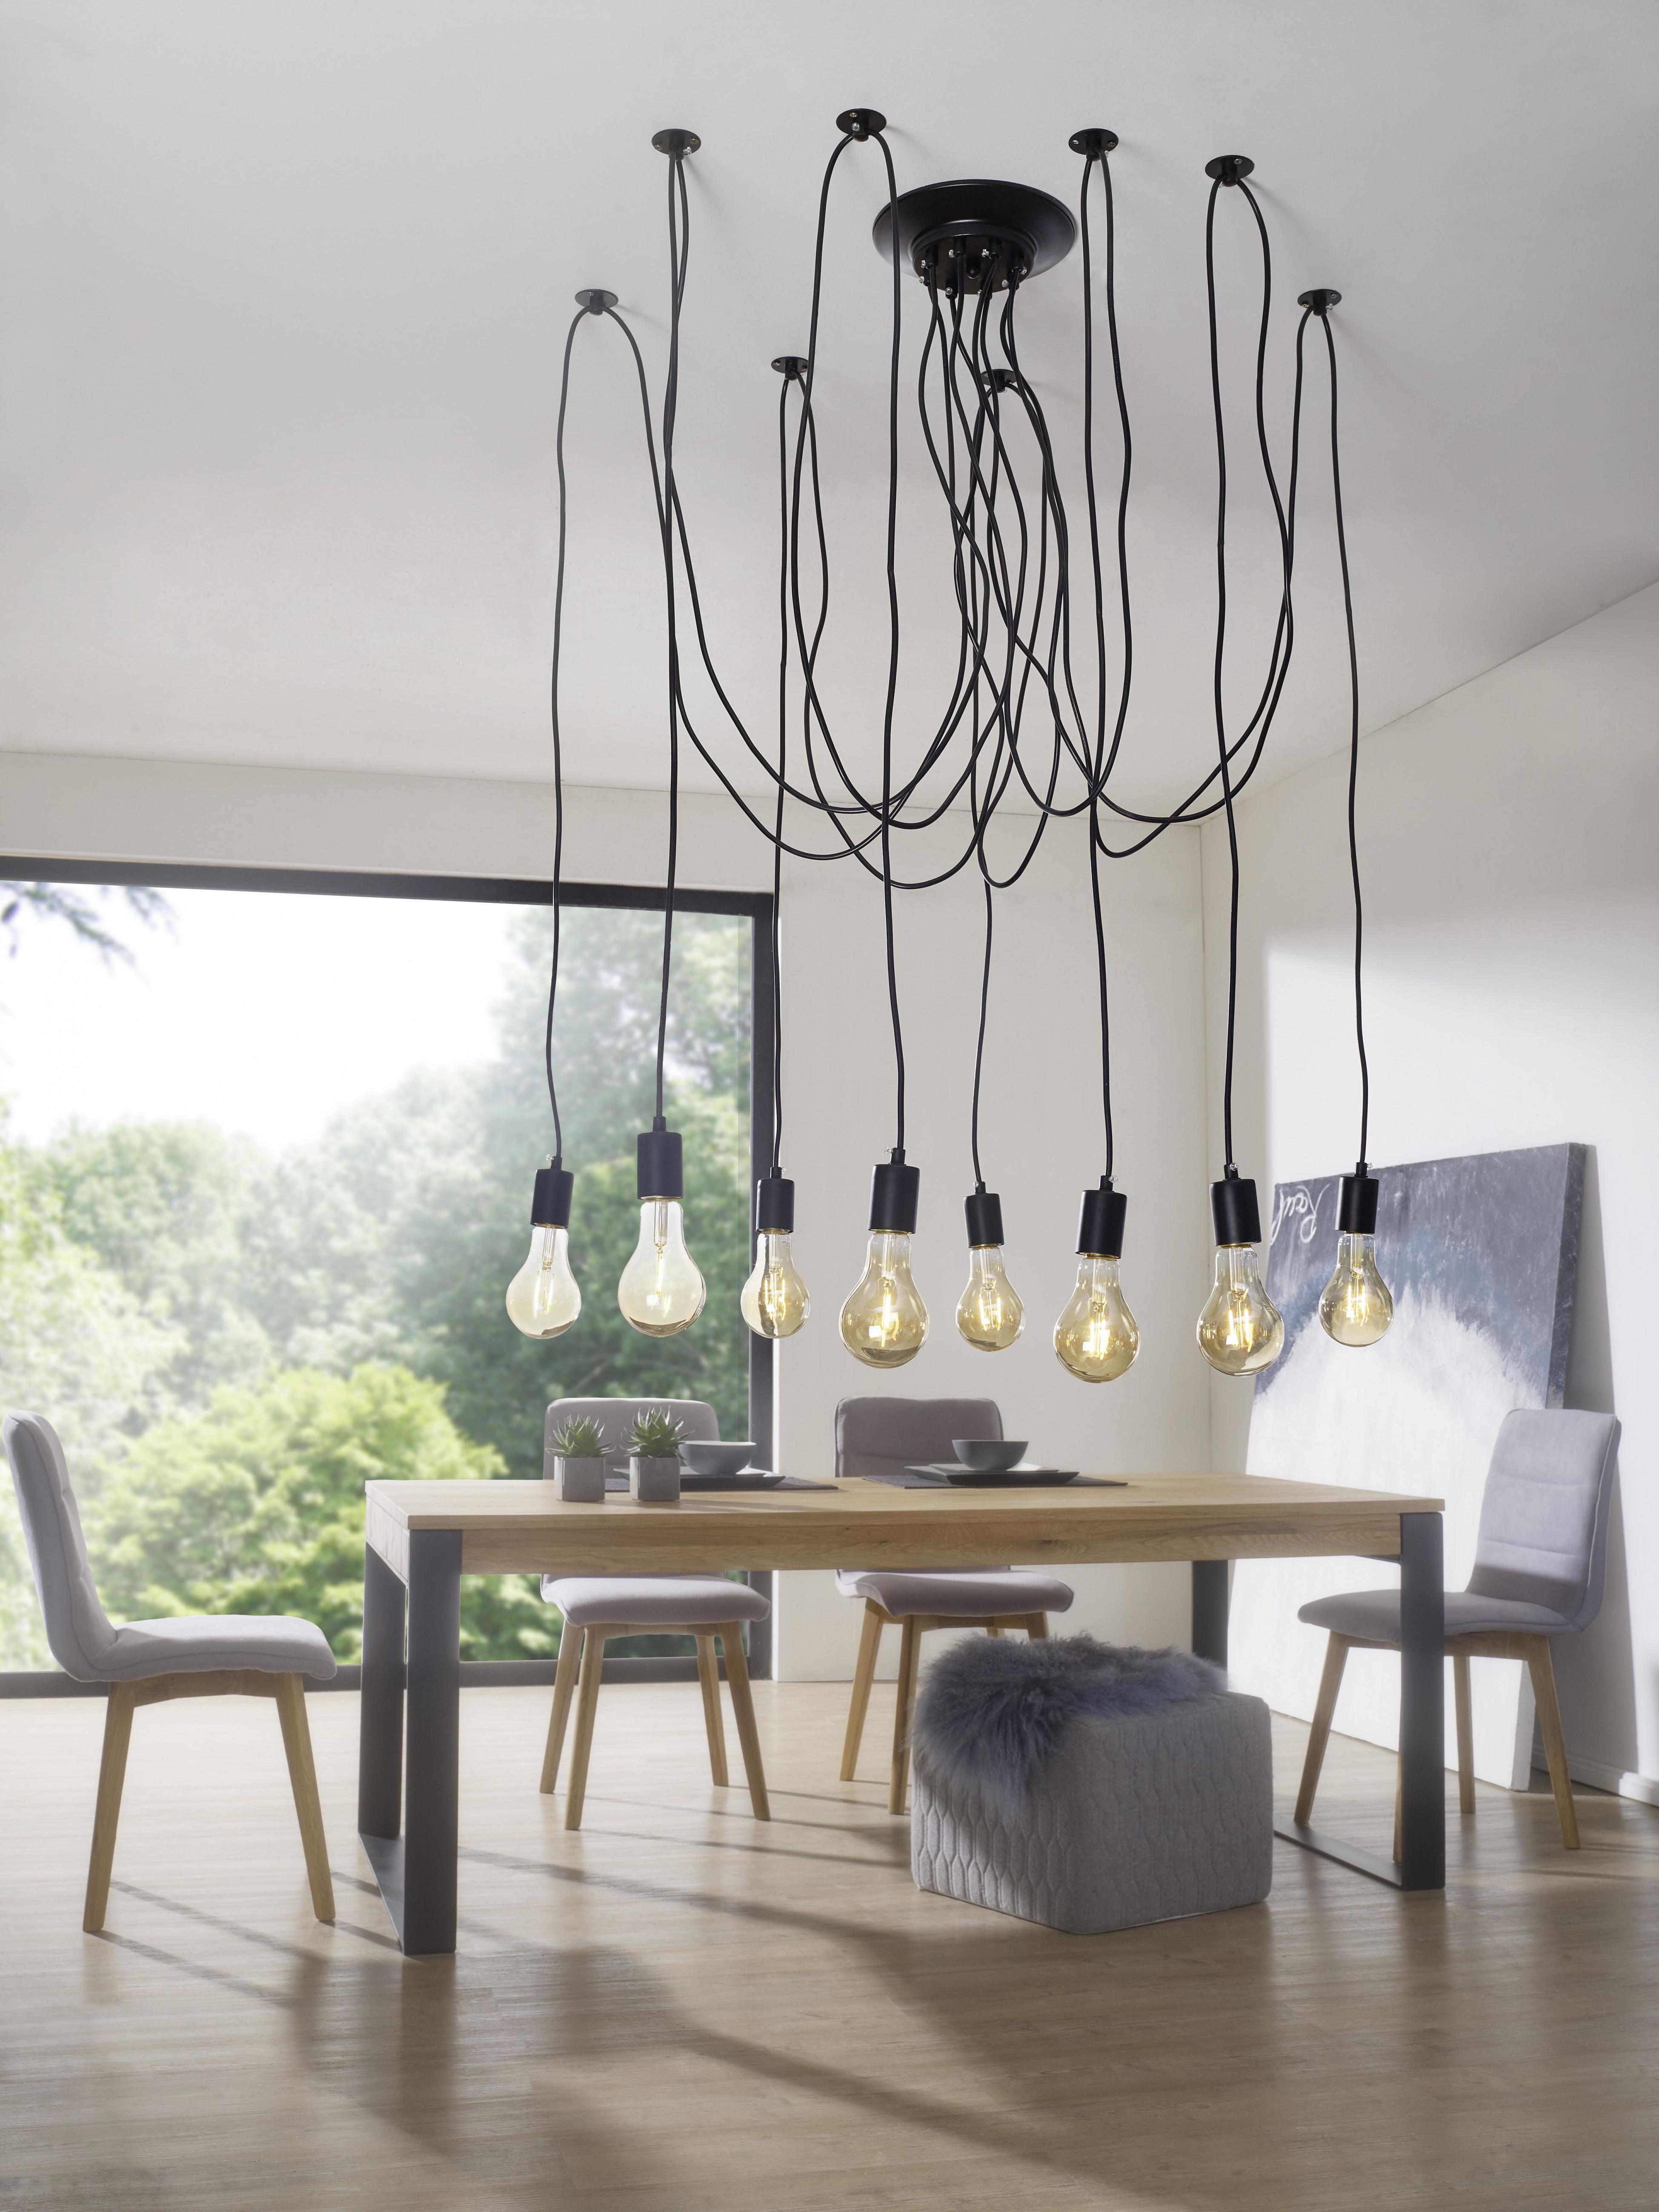 Wohnling Deckenleuchte Lydia Wl3067 Aus Eisen Lamp Black von Deckenlampe Hängend Wohnzimmer Bild